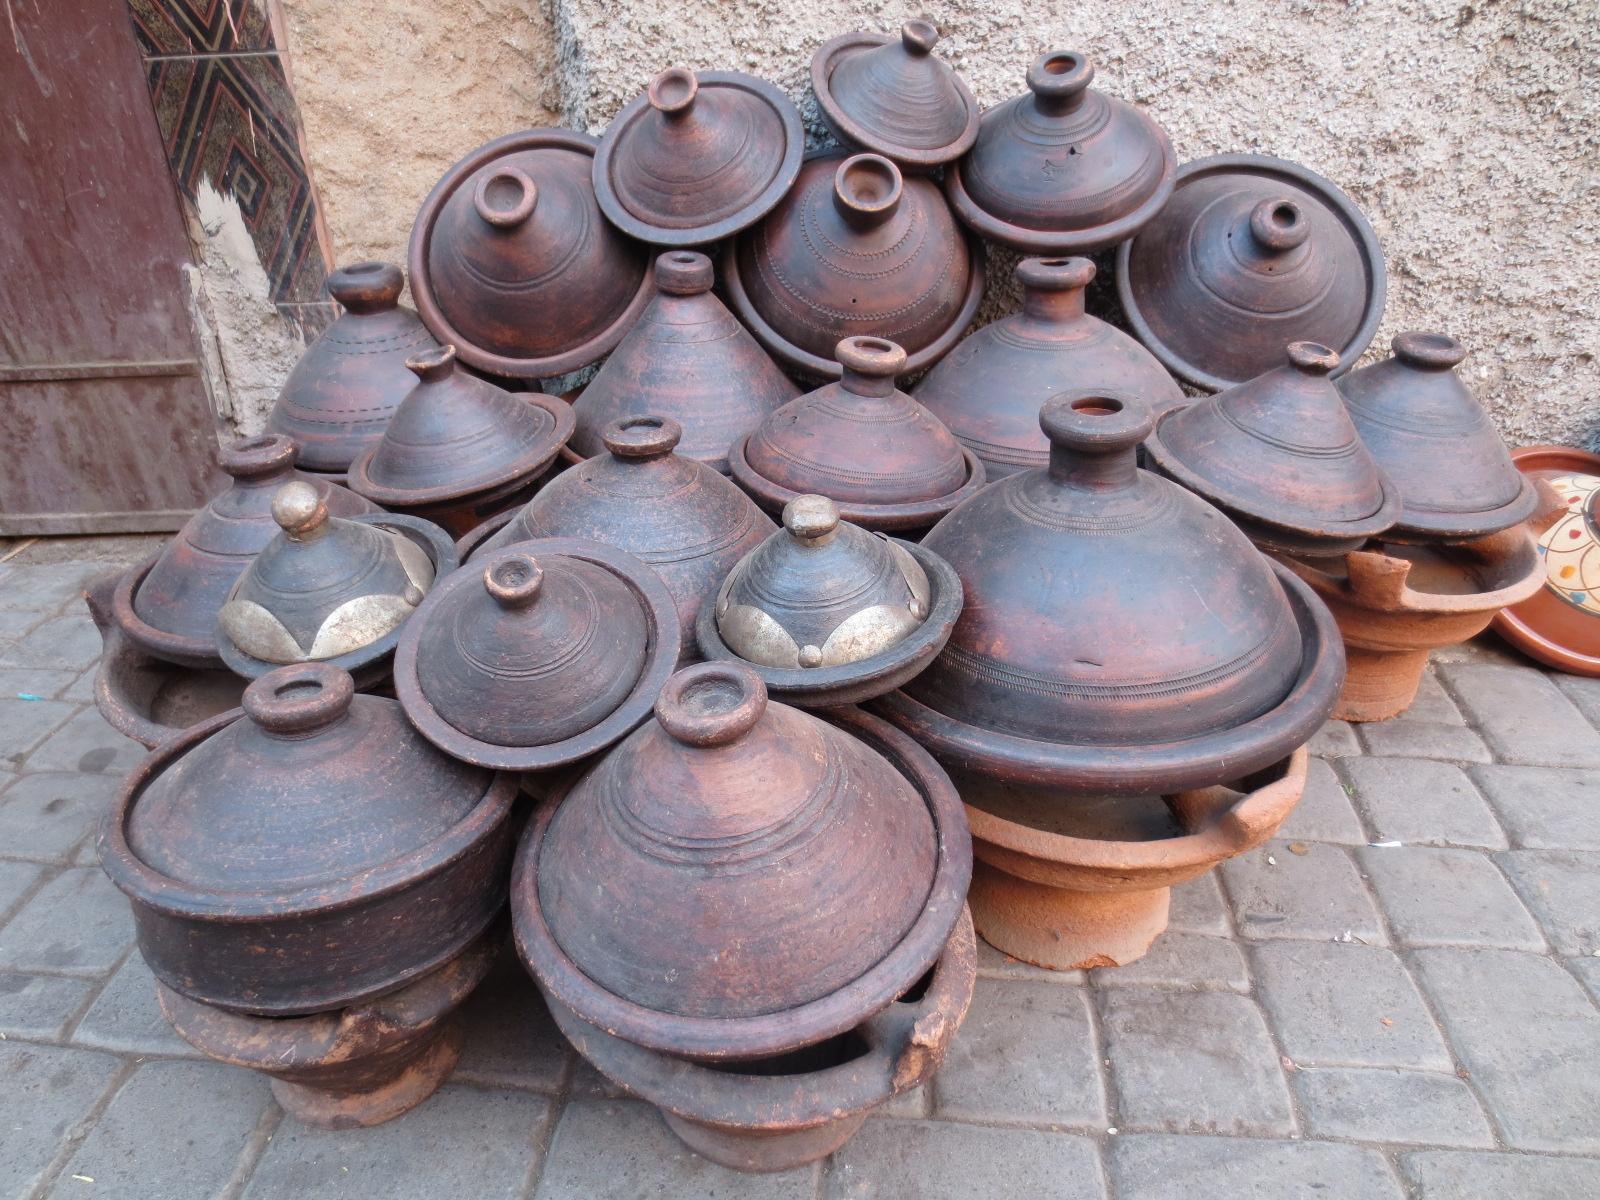 tajine - μαροκινά σκεύη